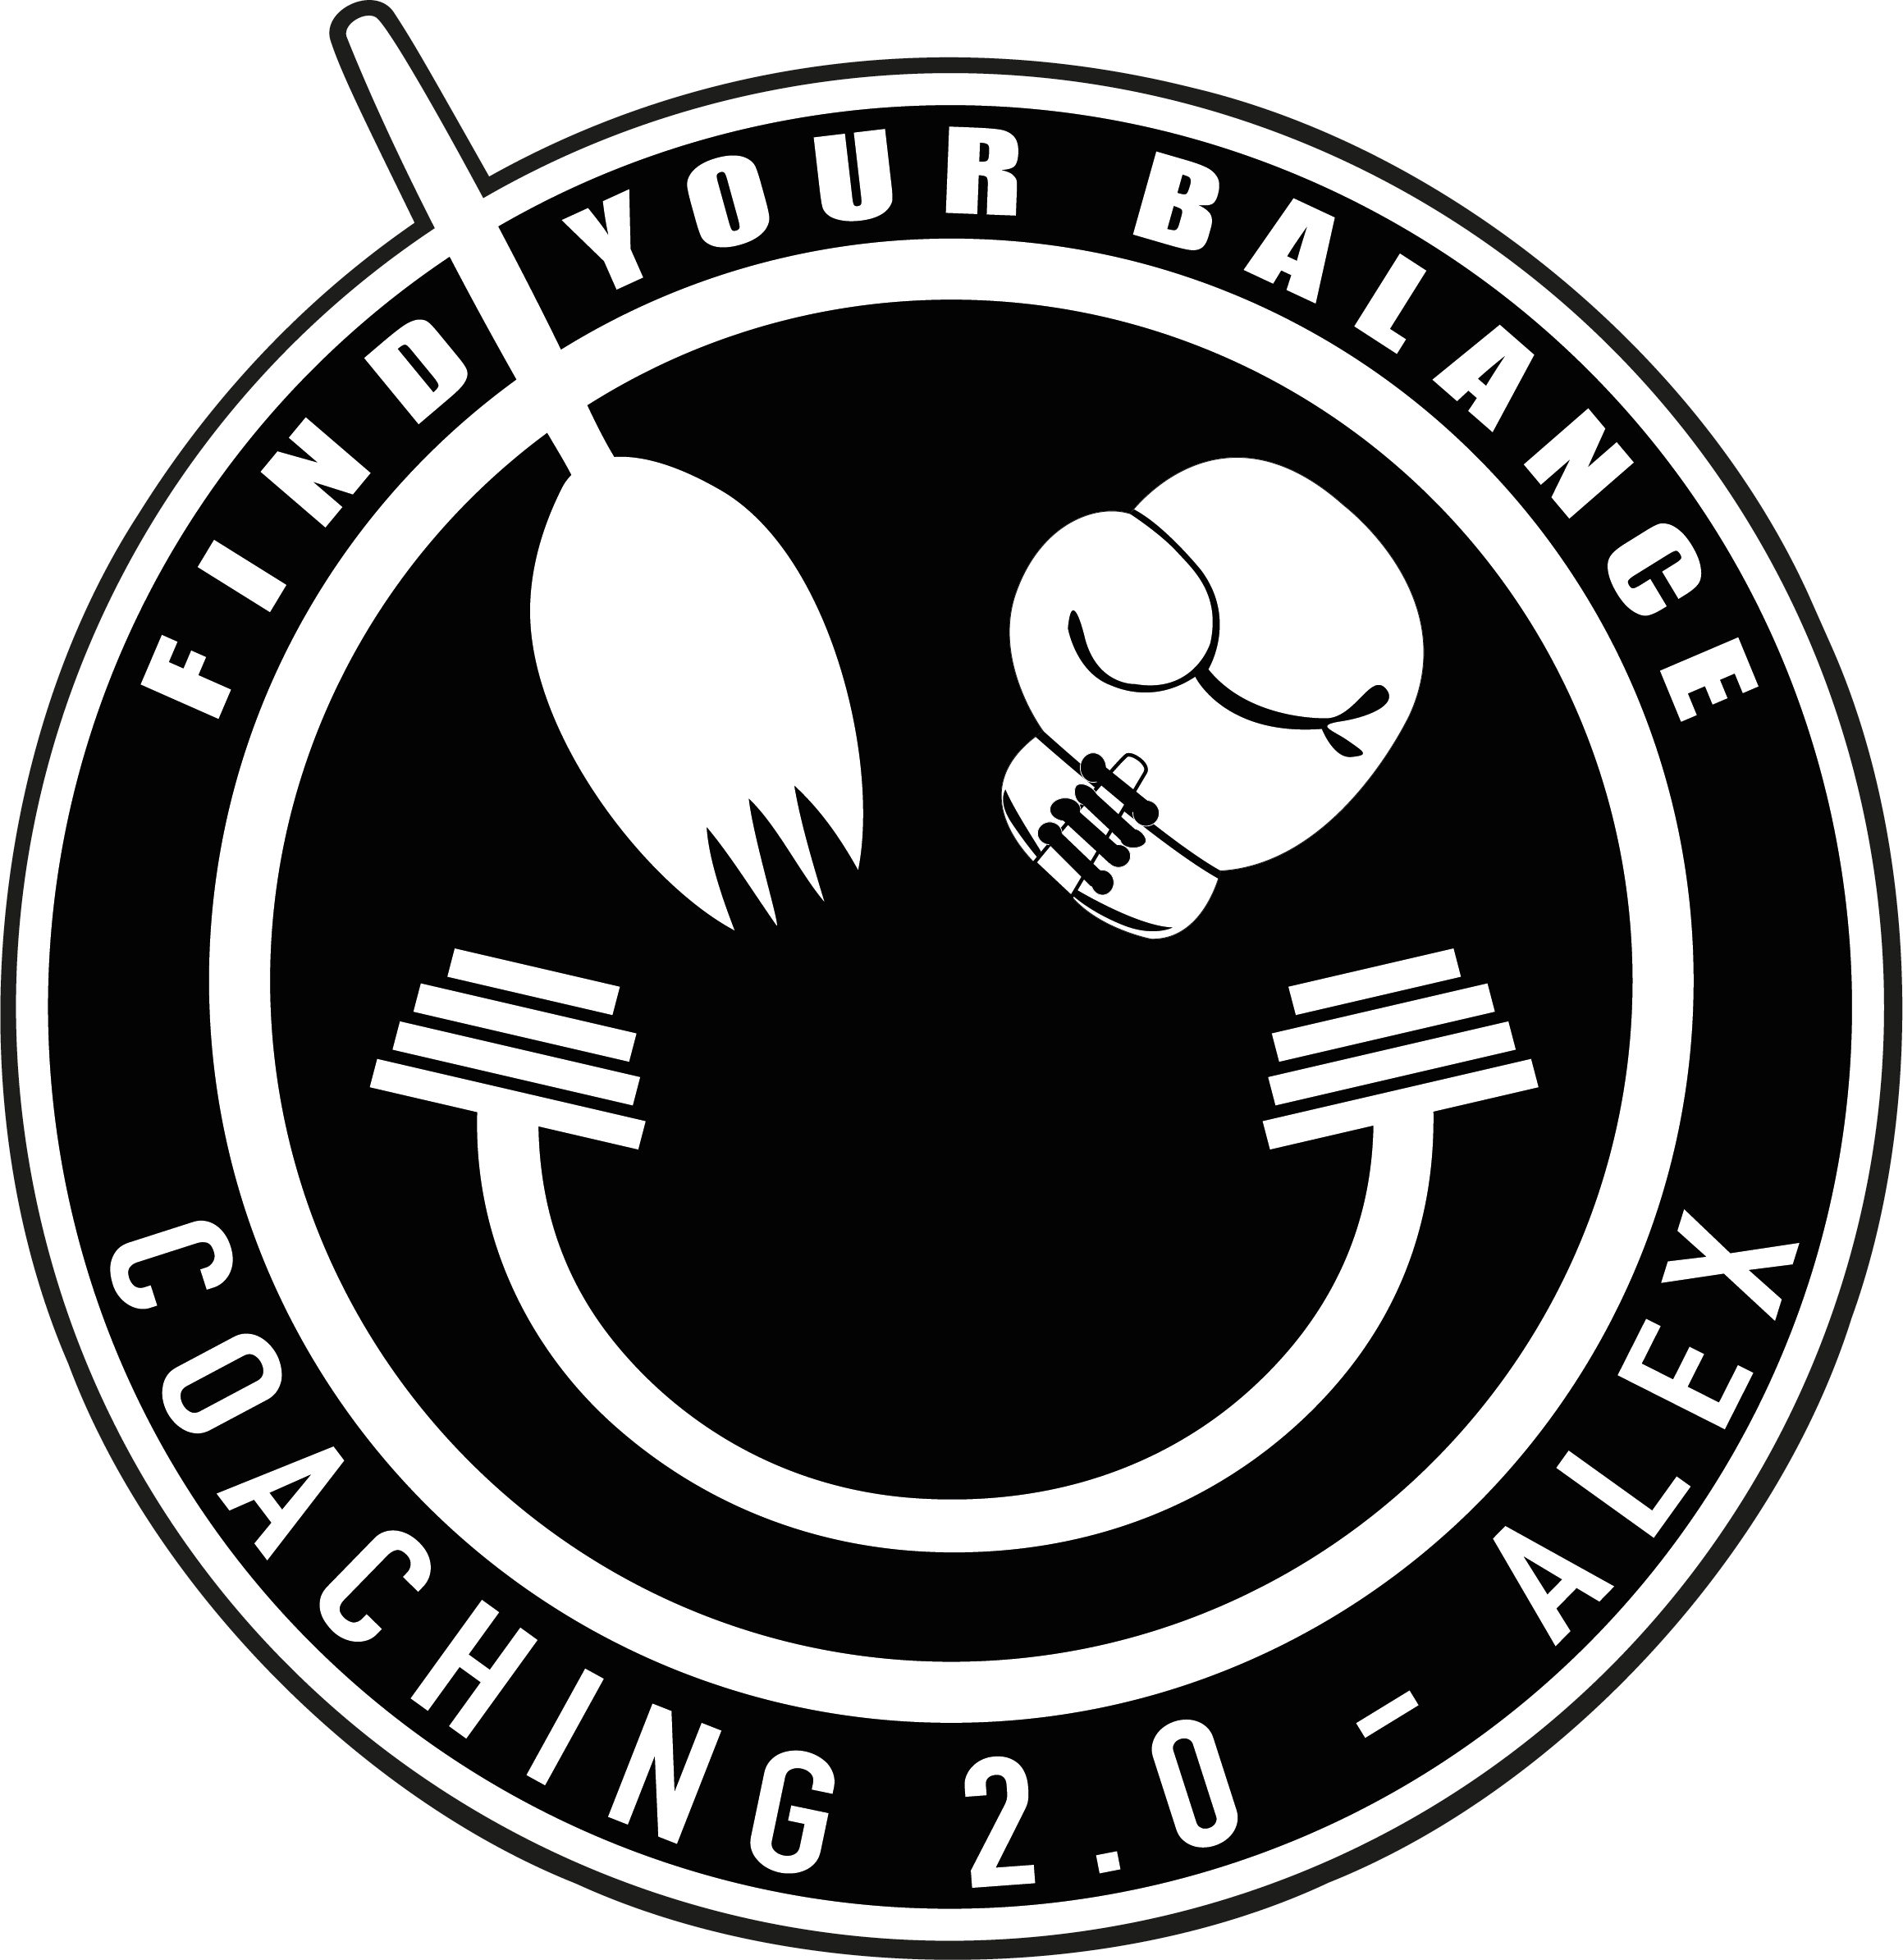 Coaching 2.0